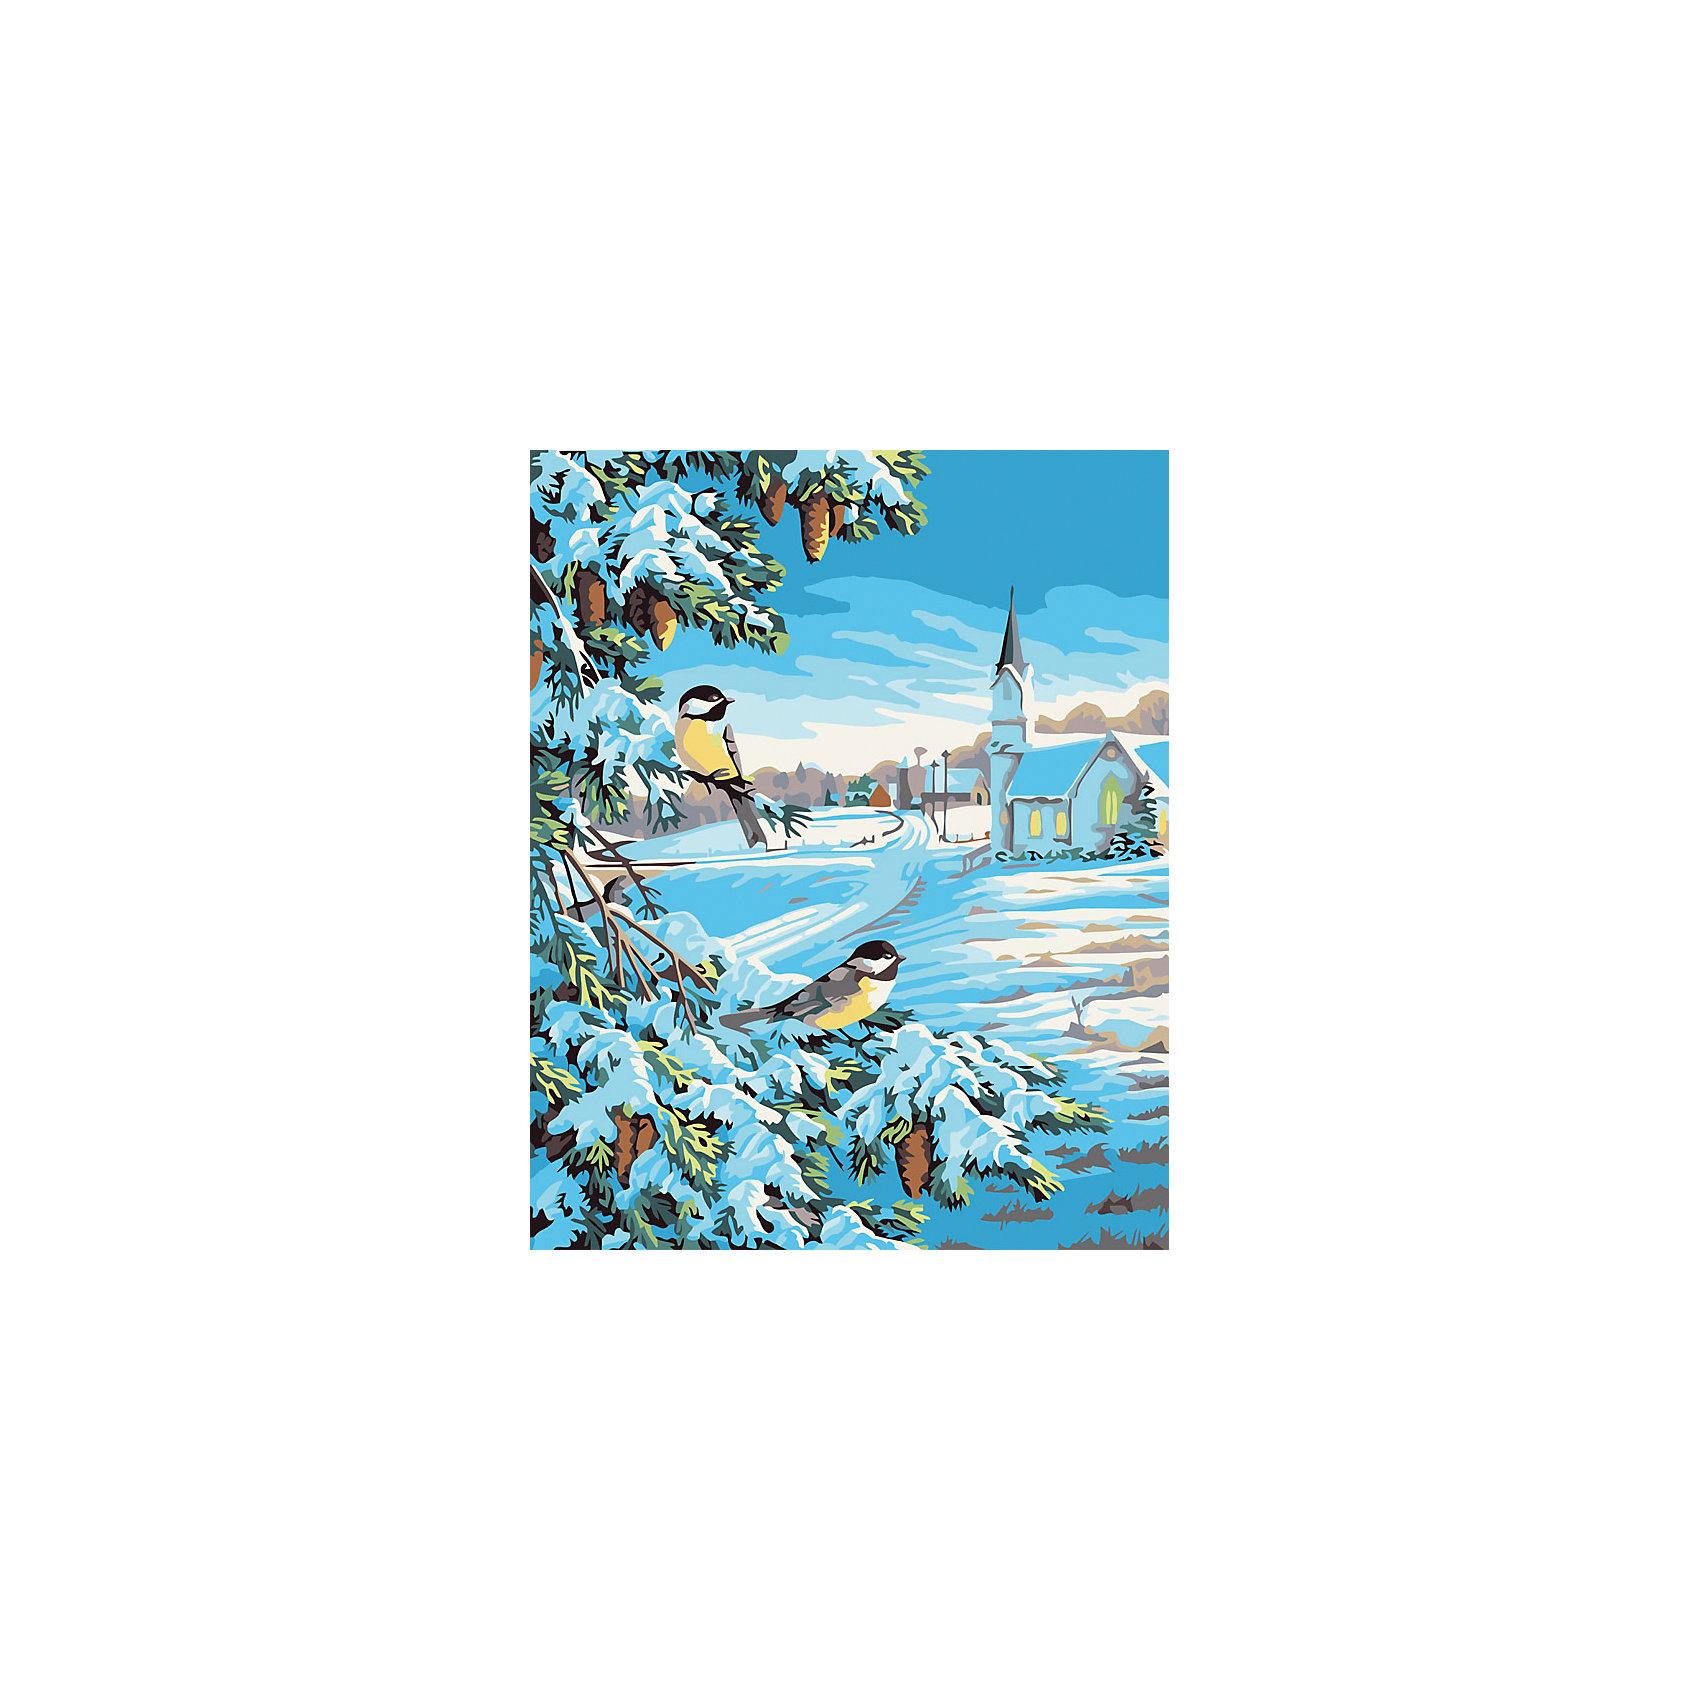 Живопись на холсте 40*50 см Снежная зимаХарактеристики товара:<br><br>• цвет: разноцветный<br>• материал: акрил, картон<br>• размер: 50 x 40 см<br>• комплектация: полотно на подрамнике с контурами рисунка, пробный лист с рисунком, набор акриловых красок, три кисти, крепление на стену для картины<br>• для детей от шести лет и взрослых<br>• не требует специальных навыков<br>• страна бренда: Китай<br>• страна изготовитель: Китай<br><br>Думаете, какой подарок выбрать к празднику? Рисование - это занятие, которое любят многие дети и взрослые. Оно помогает развить различные навыки и просто приносит удовольствие! Чтобы вселить в ребенка уверенность в своих силах, можно предложить ему этот набор - в нем уже есть сюжет, контуры рисунка и участки с номерами, которые обозначают определенную краску из набора. Все оттенки уже готовы, задача художника - аккуратно, с помощью кисточек из набора, нанести краски на определенный участок полотна.<br>Взрослым также понравится этот процесс, рисовать можно и вместе с малышом! В итоге получается красивая картина, которой можно украсить интерьер. Рисование способствует развитию мелкой моторики, воображения, цветовосприятия, творческих способностей и усидчивости. Набор отлично проработан, сделан из качественных и проверенных материалов, которые безопасны для детей. Краски - акриловые, они быстро сохнут и легко смываются с кожи.<br><br>Живопись на холсте 40*50 см Снежная зима от торговой марки Белоснежка можно купить в нашем интернет-магазине.<br><br>Ширина мм: 510<br>Глубина мм: 410<br>Высота мм: 25<br>Вес г: 850<br>Возраст от месяцев: 72<br>Возраст до месяцев: 144<br>Пол: Унисекс<br>Возраст: Детский<br>SKU: 5089740